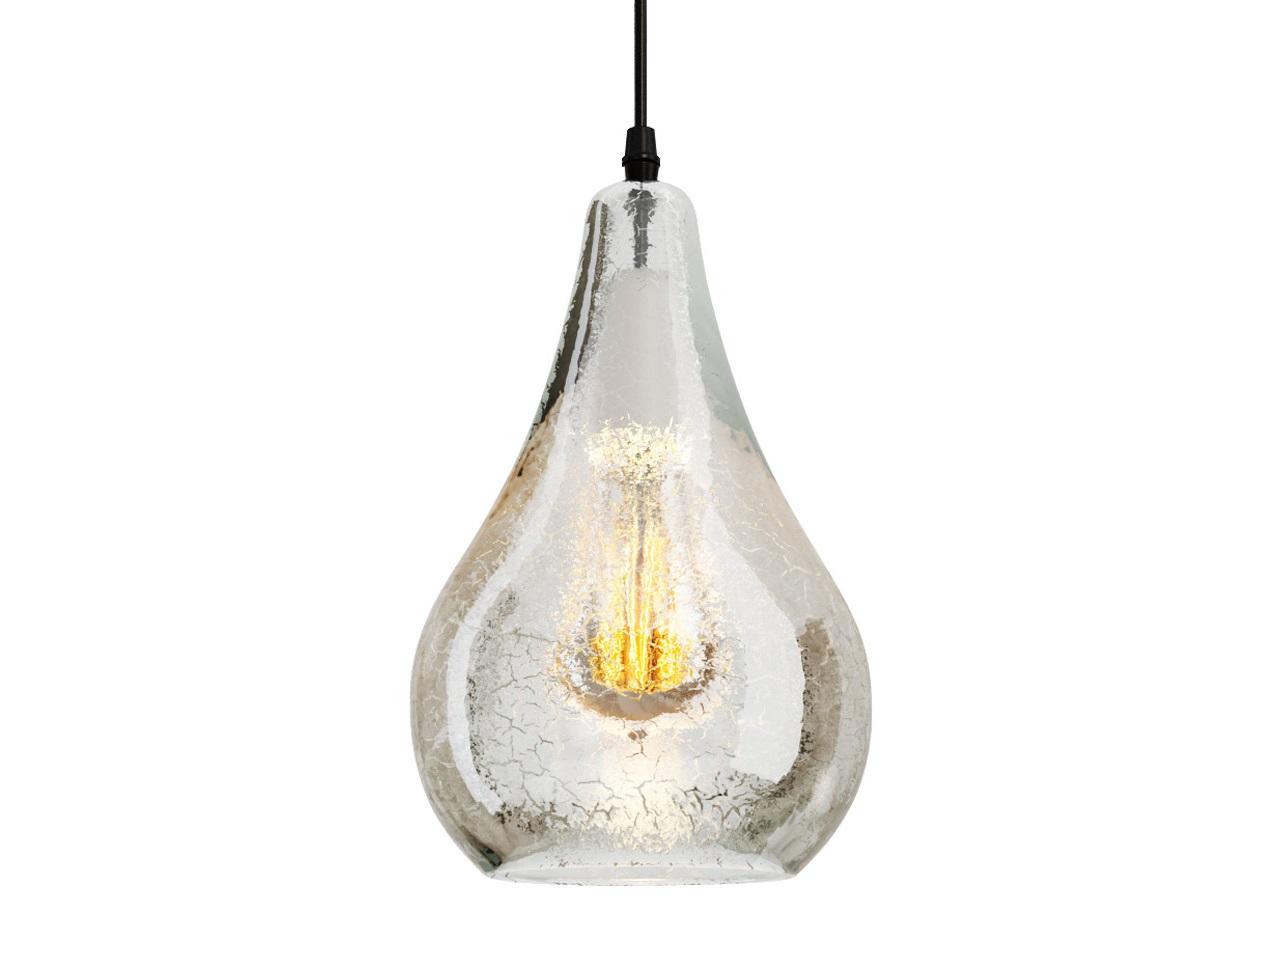 Подвесной светильник Droplet ChandelierПодвесные светильники<br>Лампа в лампе? Интересные пропорции делают облик светильника &amp;quot;Droplet Chandelier&amp;quot; таким эклектичным, ярким и производящим впечатление. Они превращают его в предмет искусства, способный стать настоящим украшением для нетривиальных интерьеров. Плафон, повторяющий формы находящейся в нем лампы, создает эффект рекурсии, которая никого не оставляет равнодушным. Окраска перламутром, выполненная в технике кракелюр, придает очарование дизайну, делая его более элегантным.&amp;lt;div&amp;gt;&amp;lt;br&amp;gt;&amp;lt;/div&amp;gt;&amp;lt;div&amp;gt;Подвесной светильник выполнен из прозрачного стекла с декоративными трещинками.&amp;lt;/div&amp;gt;&amp;lt;div&amp;gt;Внутри расположена лампа.&amp;lt;/div&amp;gt;&amp;lt;div&amp;gt;Высота светильника регулируется.&amp;lt;/div&amp;gt;&amp;lt;div&amp;gt;Цоколь: E27&amp;lt;/div&amp;gt;&amp;lt;div&amp;gt;Мощность: 40W&amp;lt;/div&amp;gt;&amp;lt;div&amp;gt;Количество ламп: 1&amp;lt;/div&amp;gt;&amp;lt;div&amp;gt;&amp;lt;br&amp;gt;&amp;lt;/div&amp;gt;<br><br>Material: Стекло<br>Высота см: 26